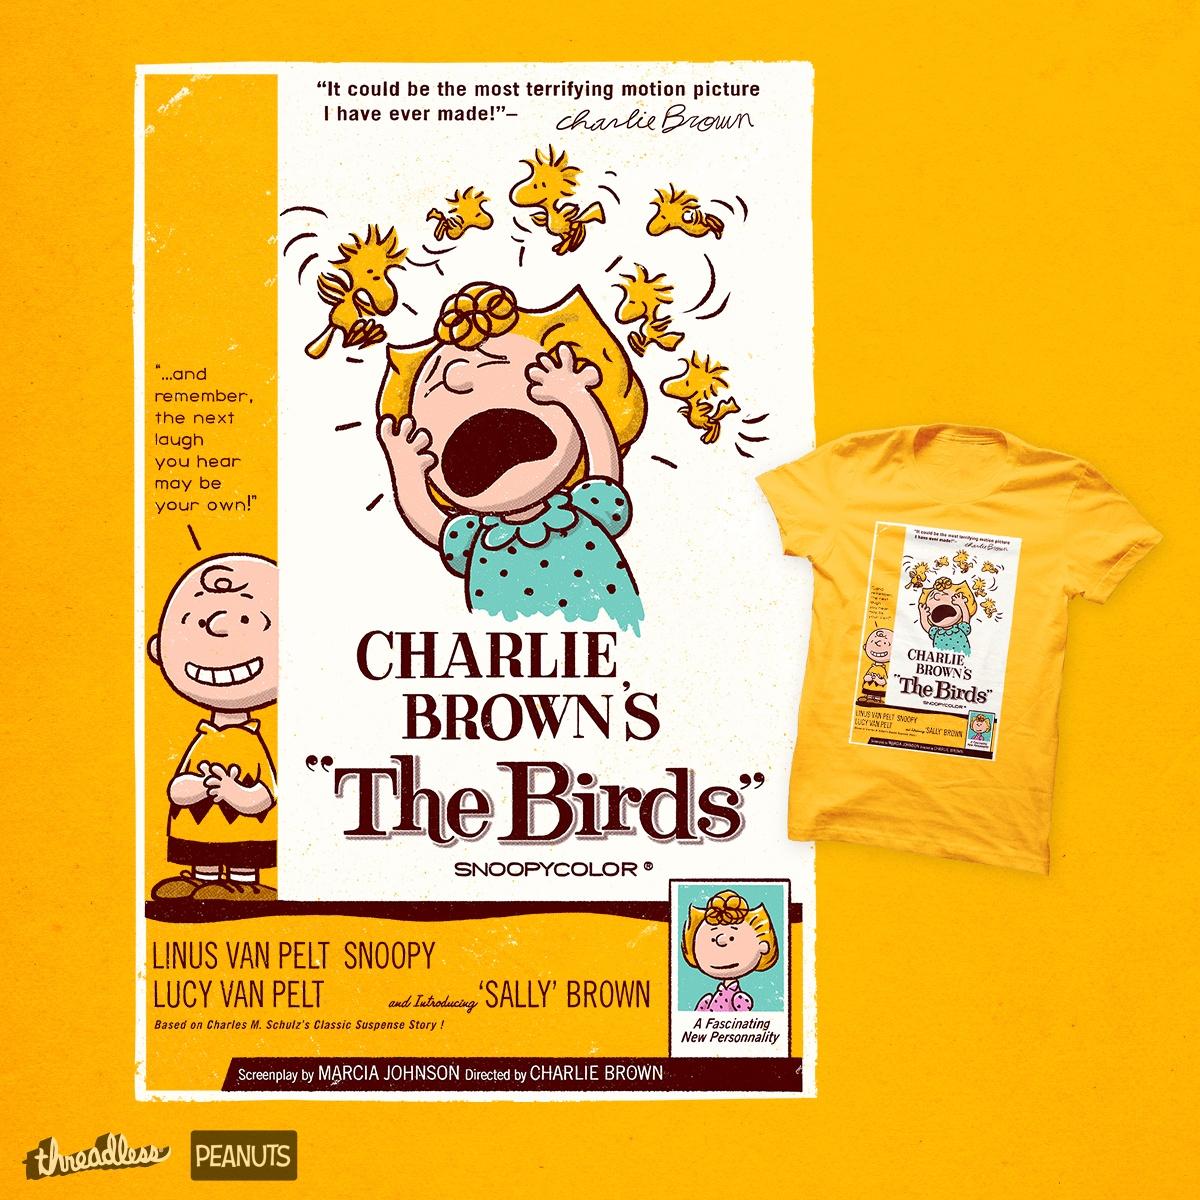 The Birds, a cool t-shirt design